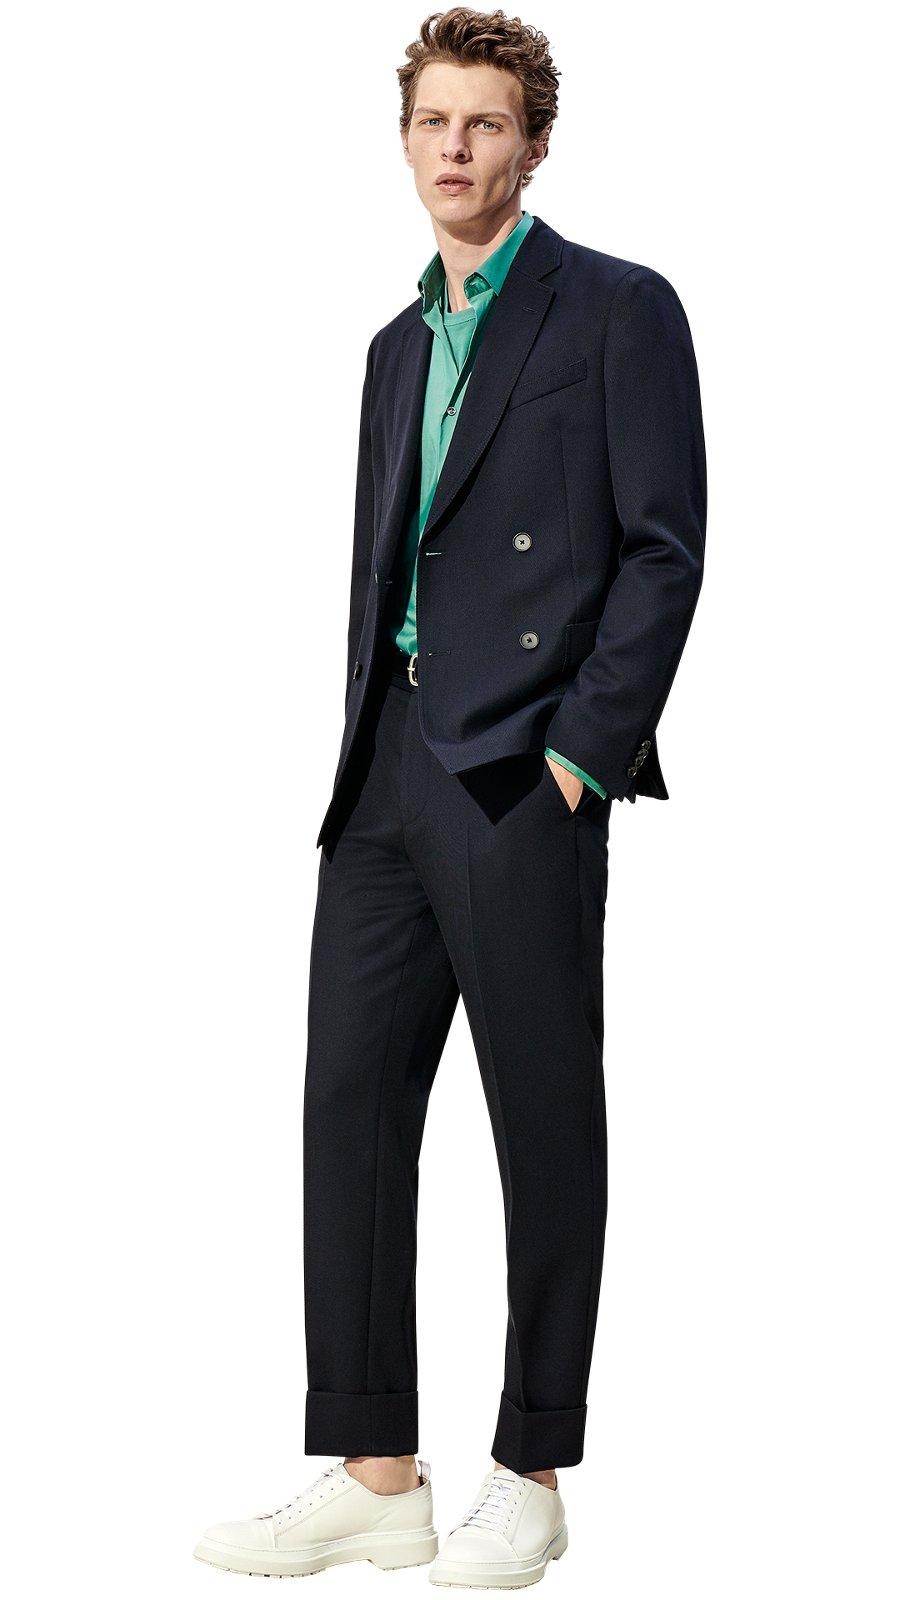 Hombre con chaqueta azul oscuro 55242e826476